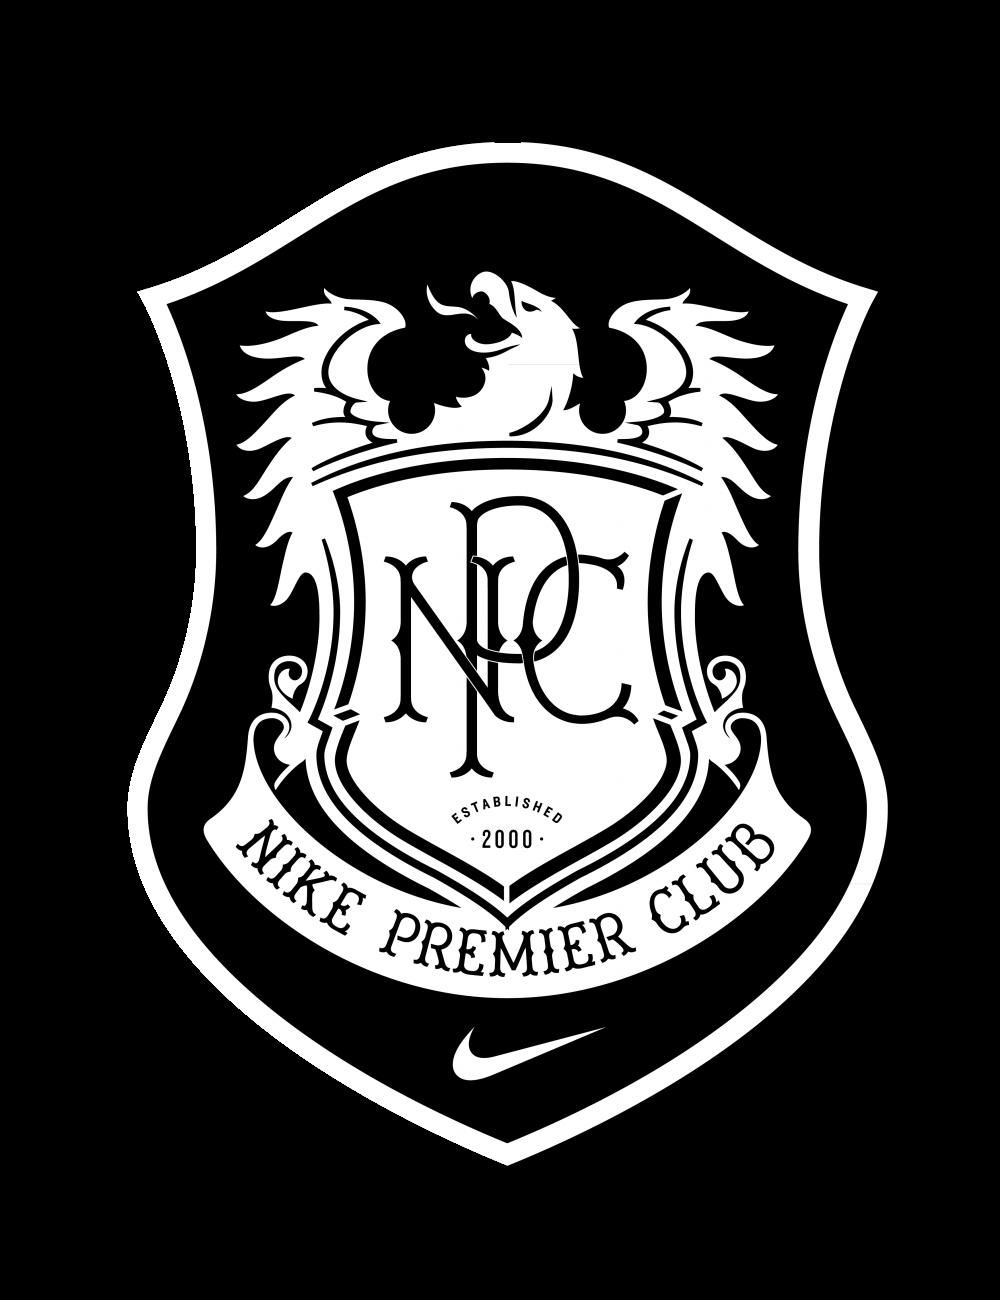 1b2b765ed5d4 OSU Becomes Nike Premier Club Affiliate in 2007 | Ottawa South ...